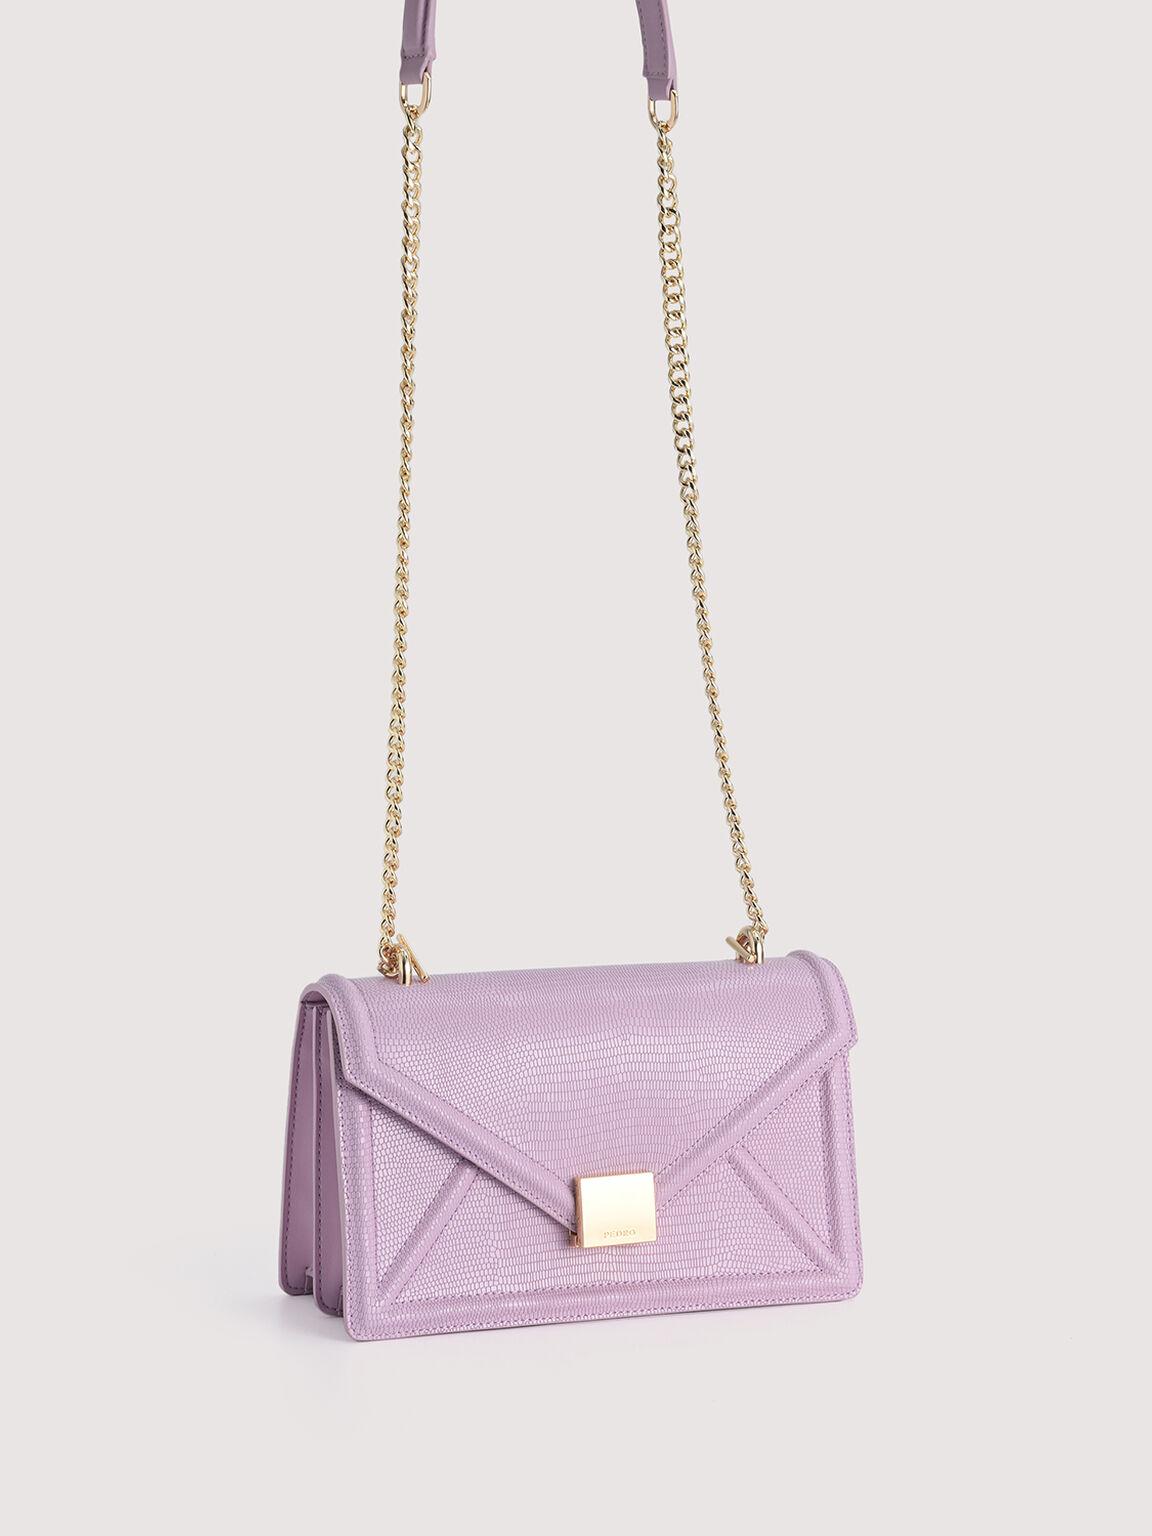 Lizard-Effect Leather Envelope Shoulder Bag, Lilac, hi-res